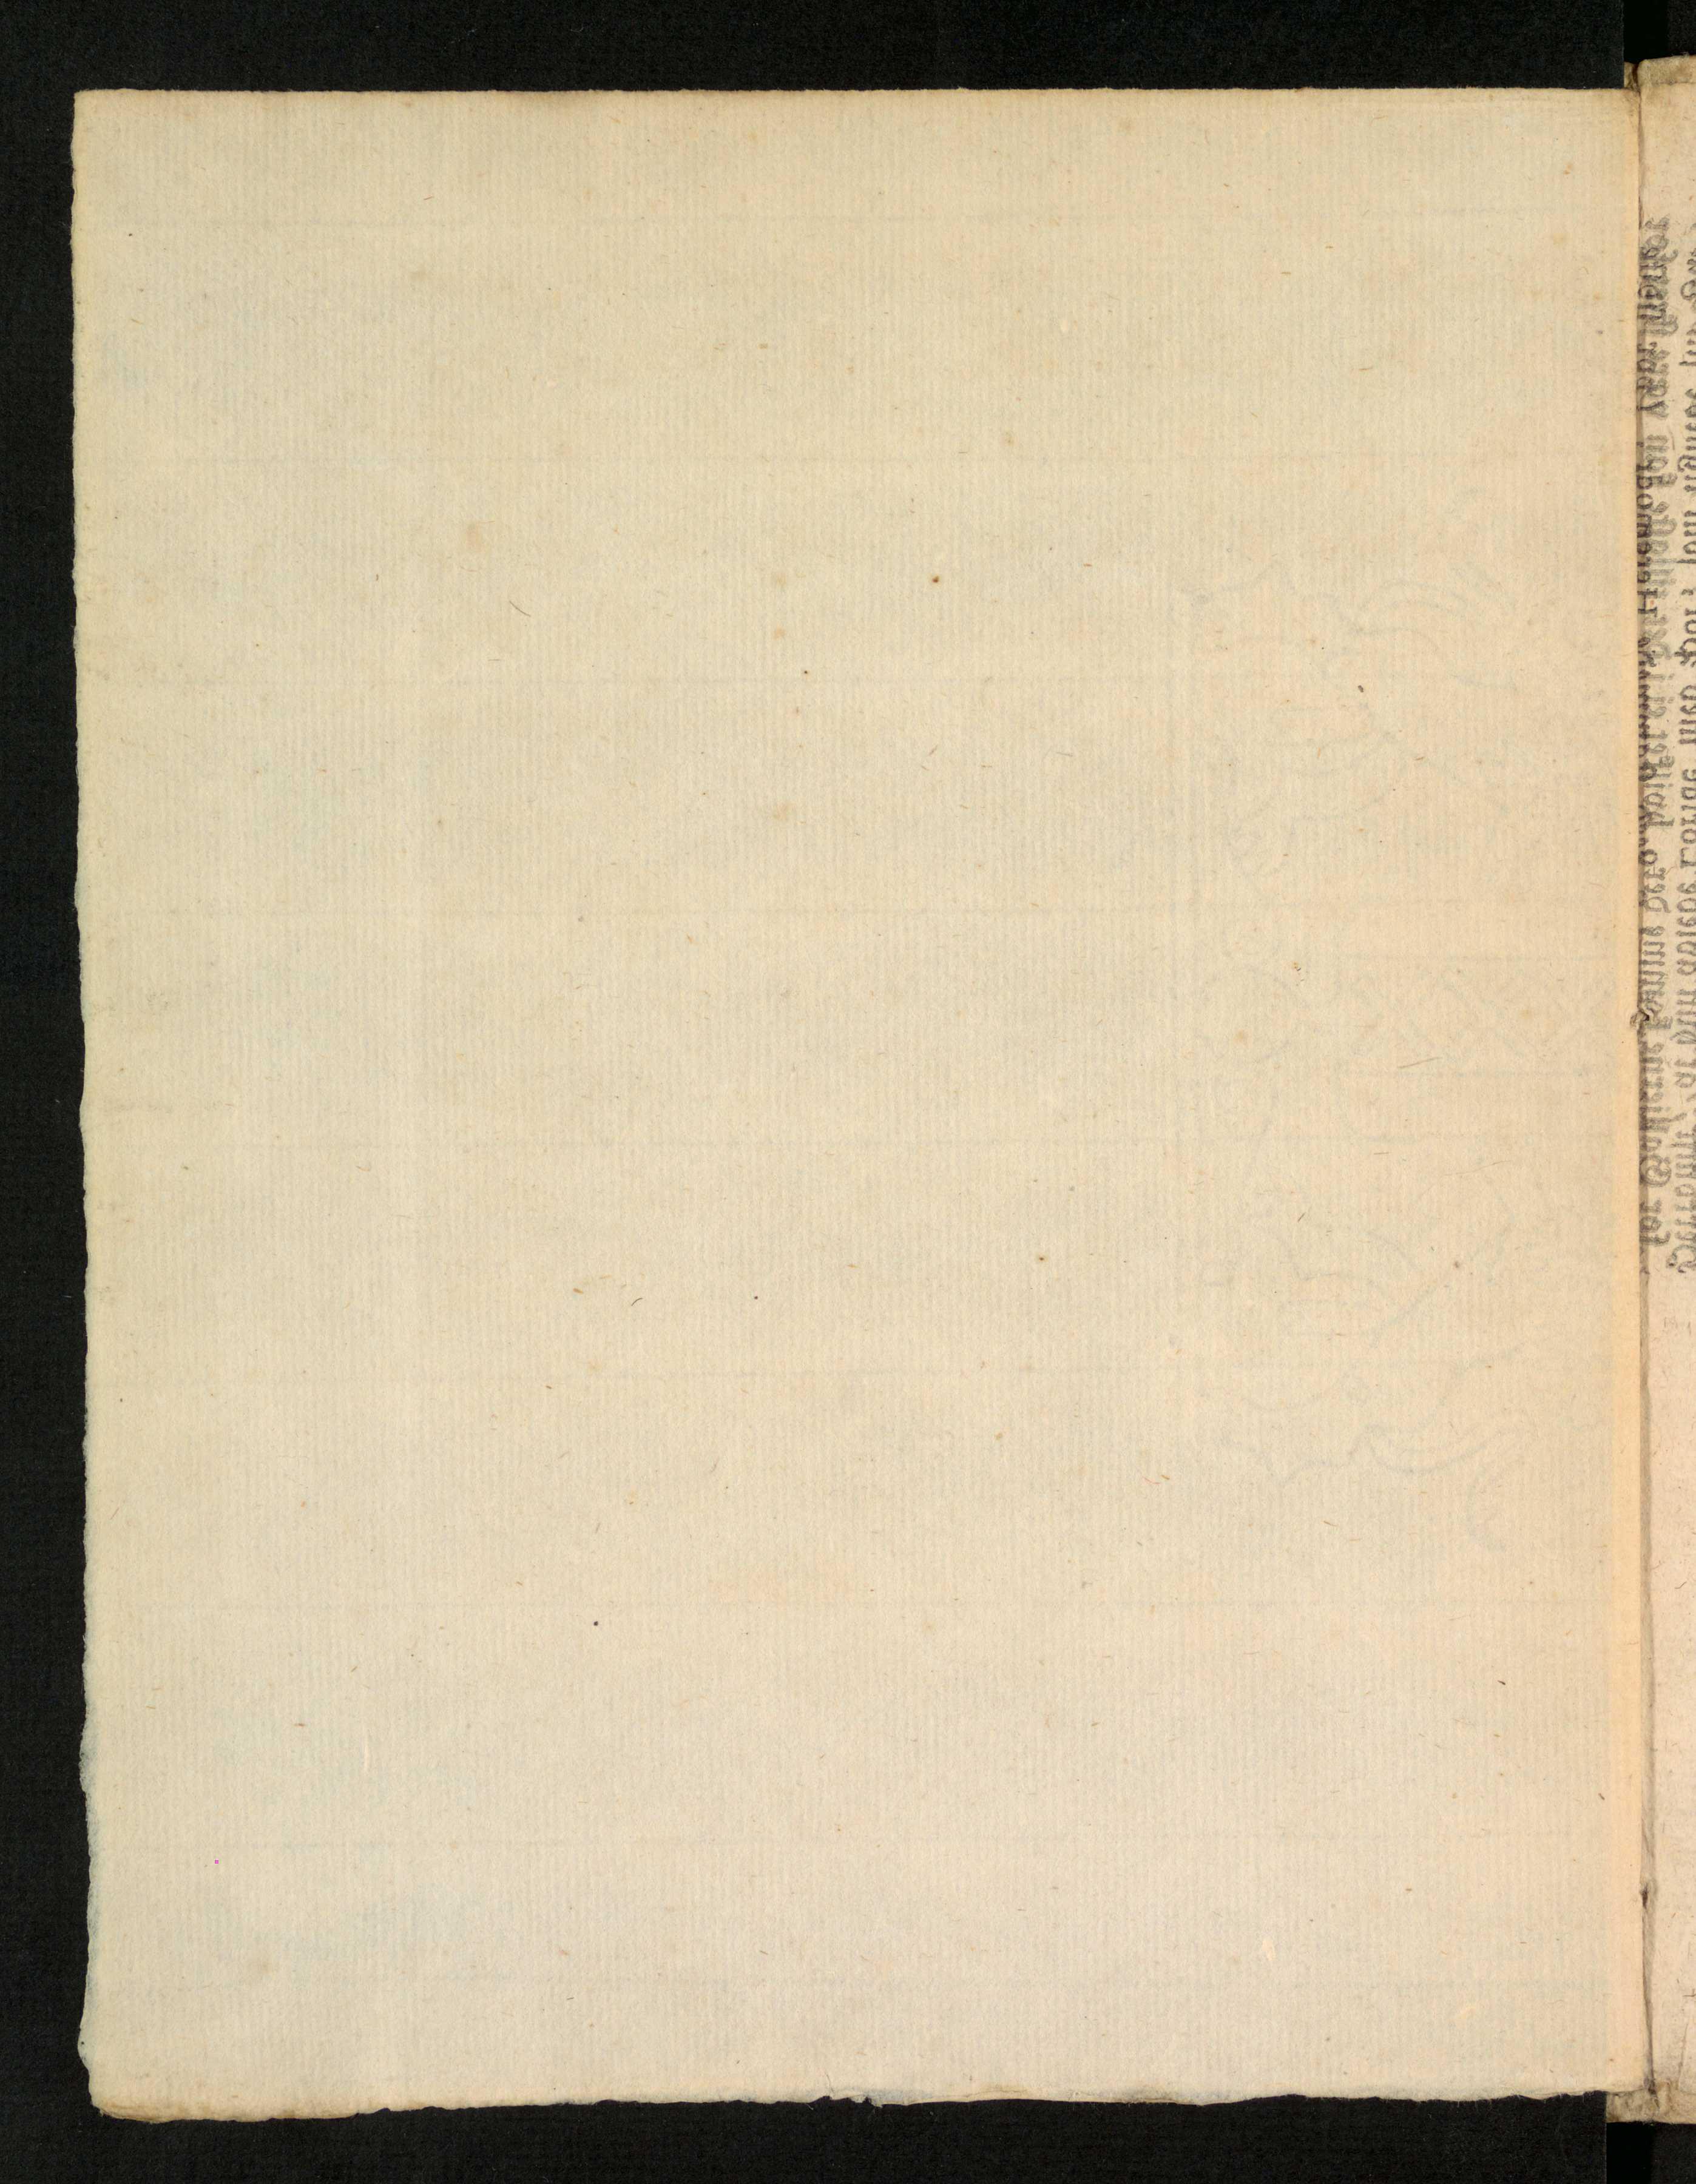 AM 562 i 4° - 6v